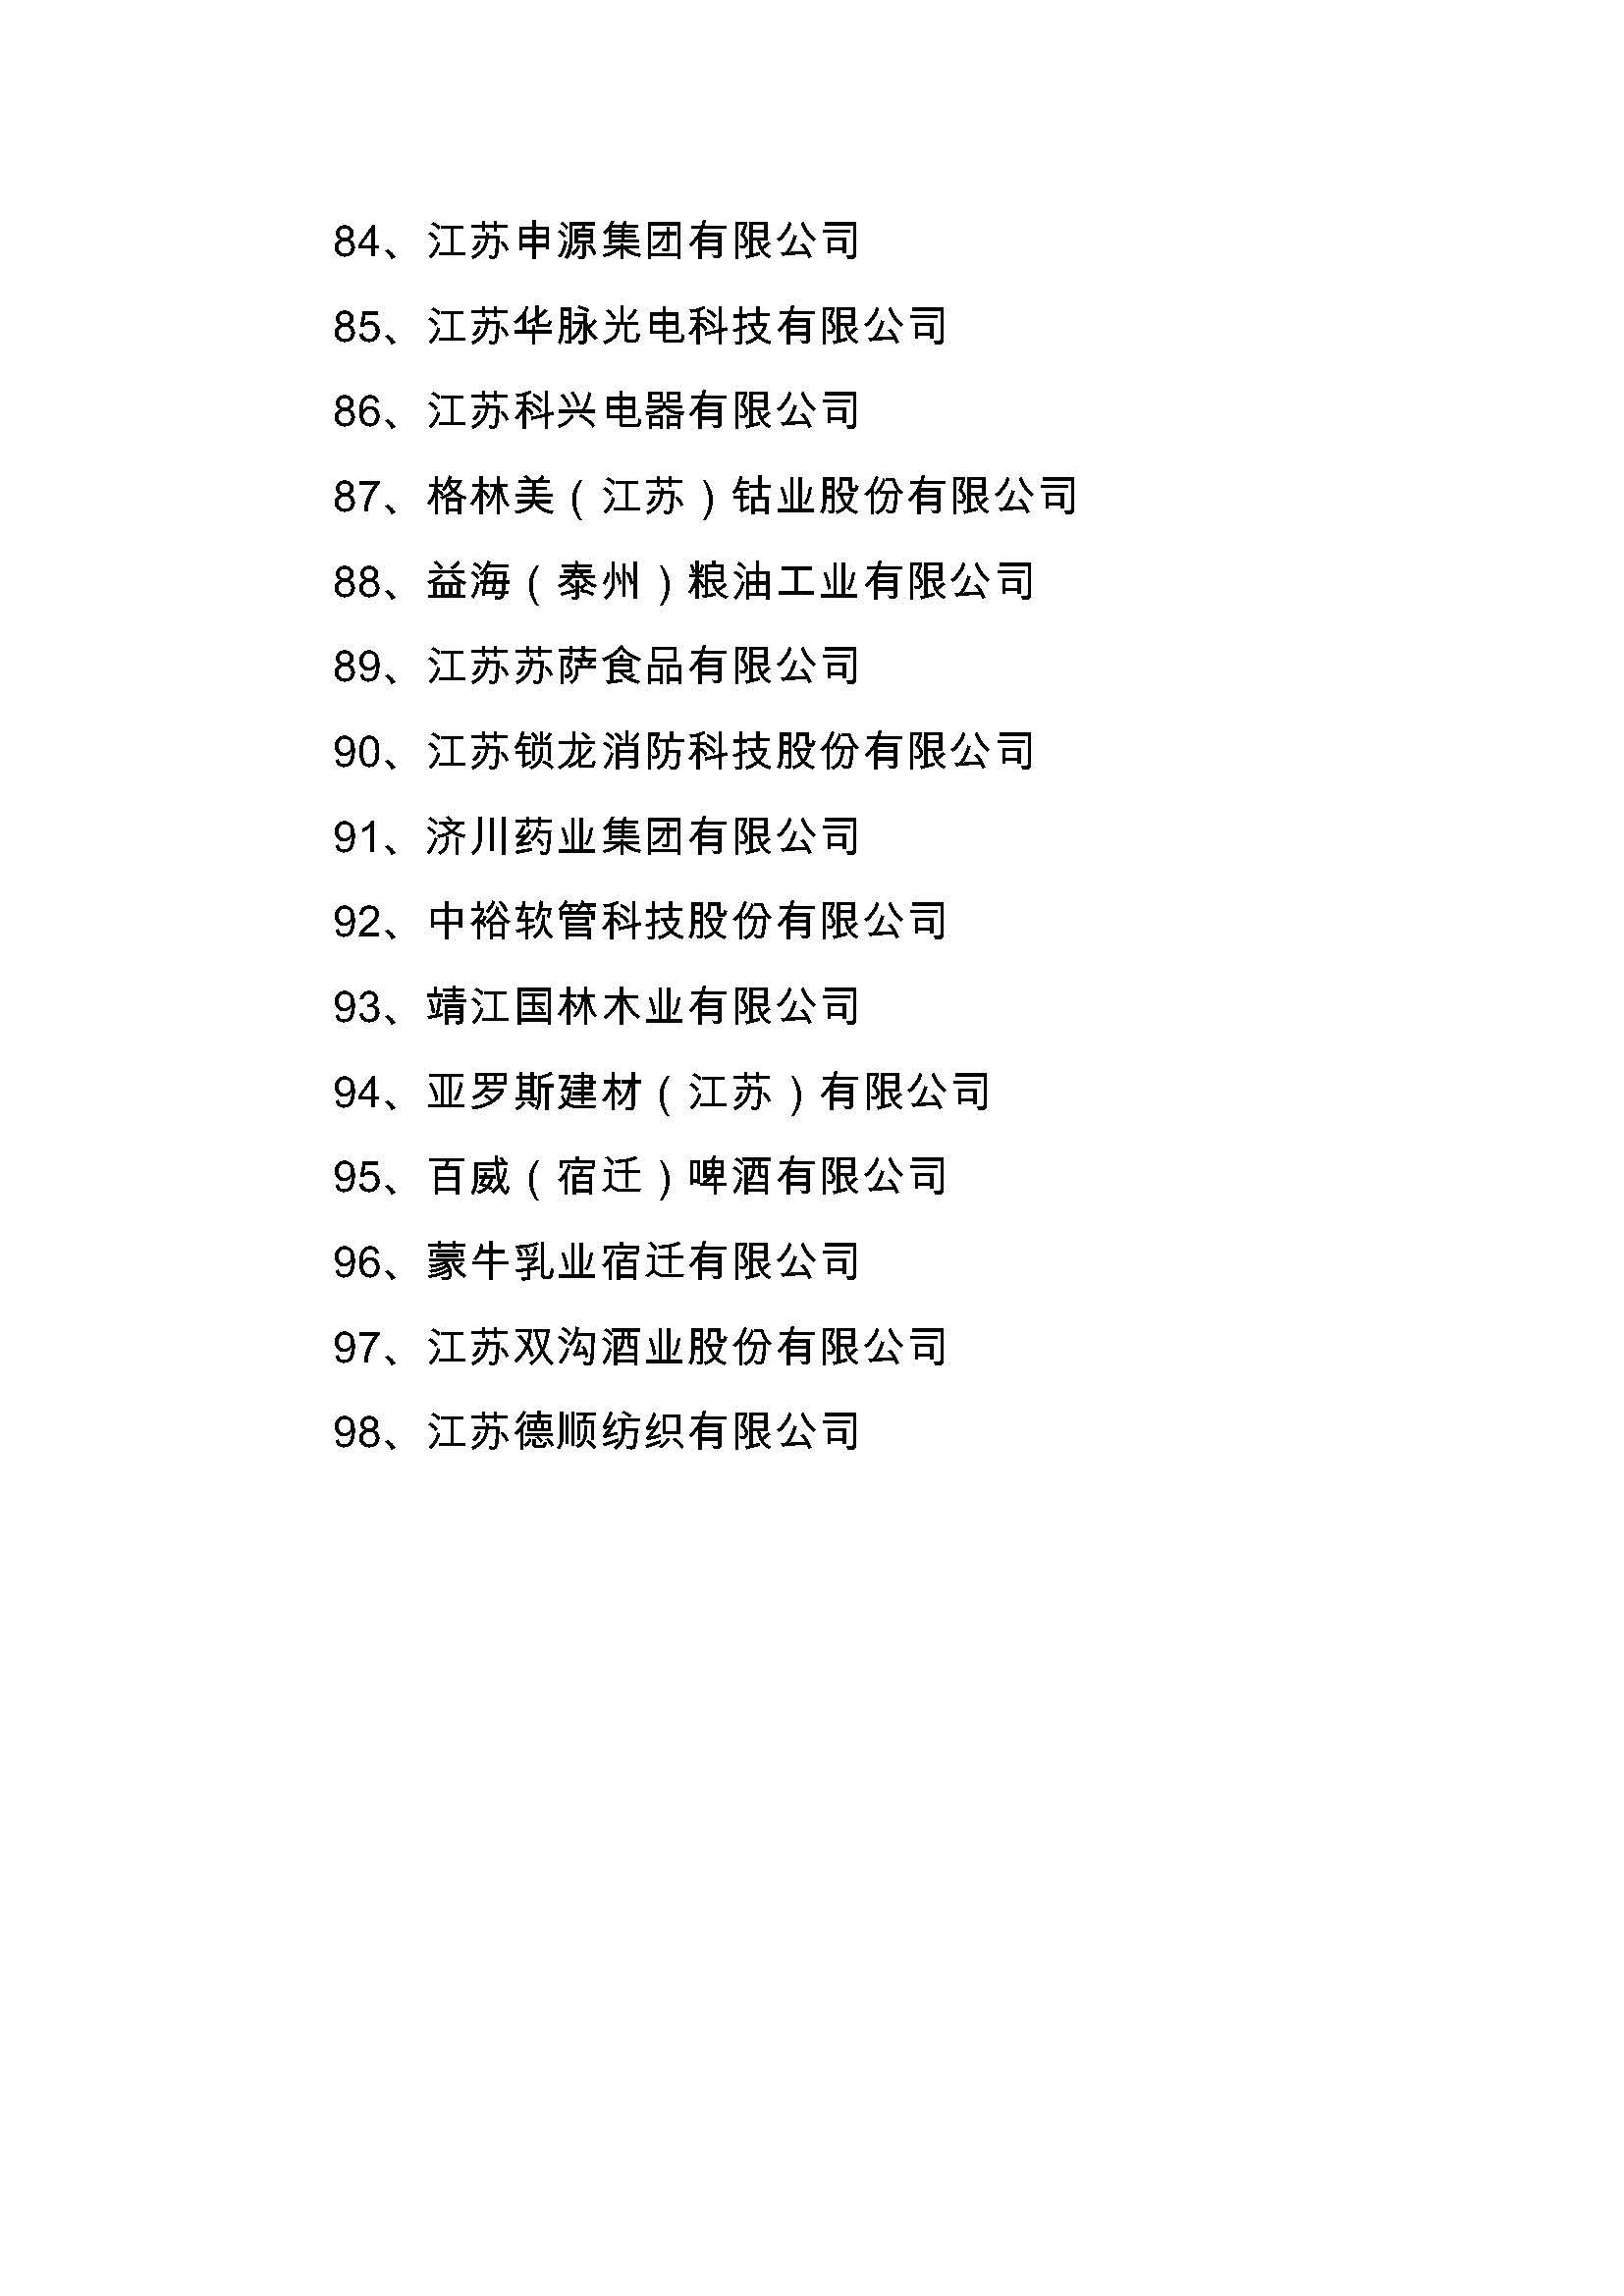 附件:2020年江苏省绿色工厂(第一批)拟入围名单_页面_5.jpg